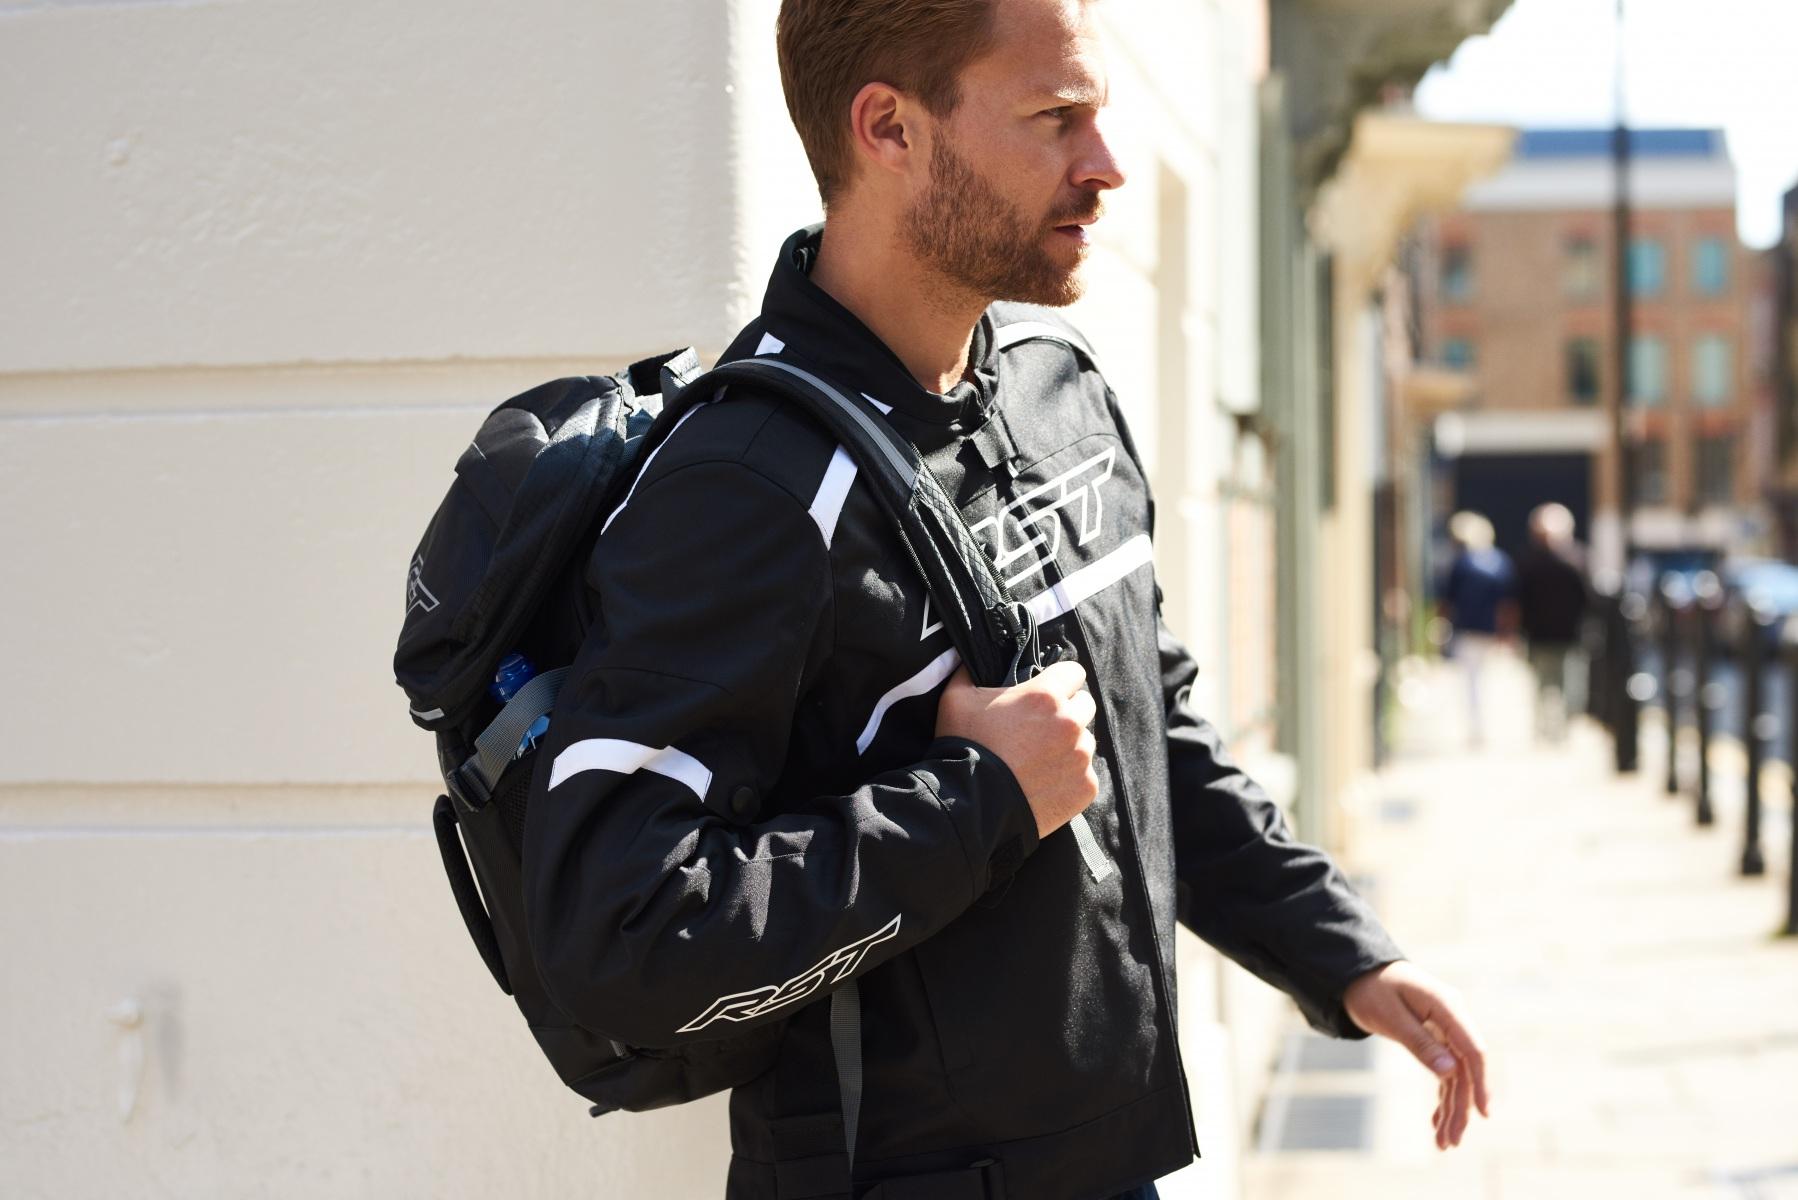 102368-rst-pilot-textile-jacket-black-lifestyle-02